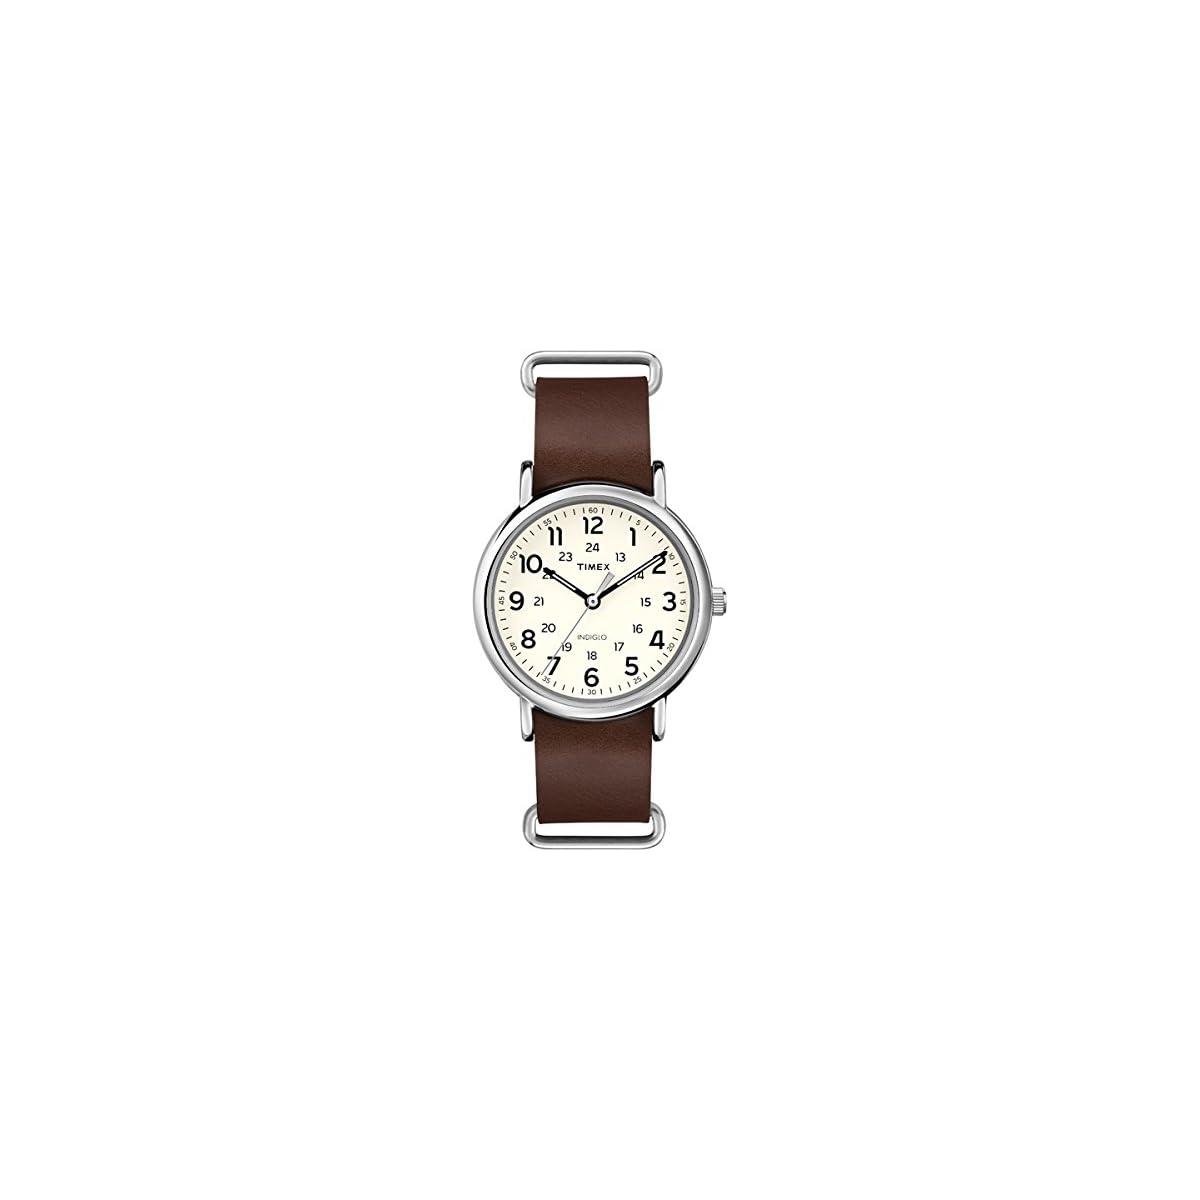 41rYaiNzslL. SS1200  - Timex T2P495 - Reloj de Pulsera Unisex, Correa de Piel, Color marrón